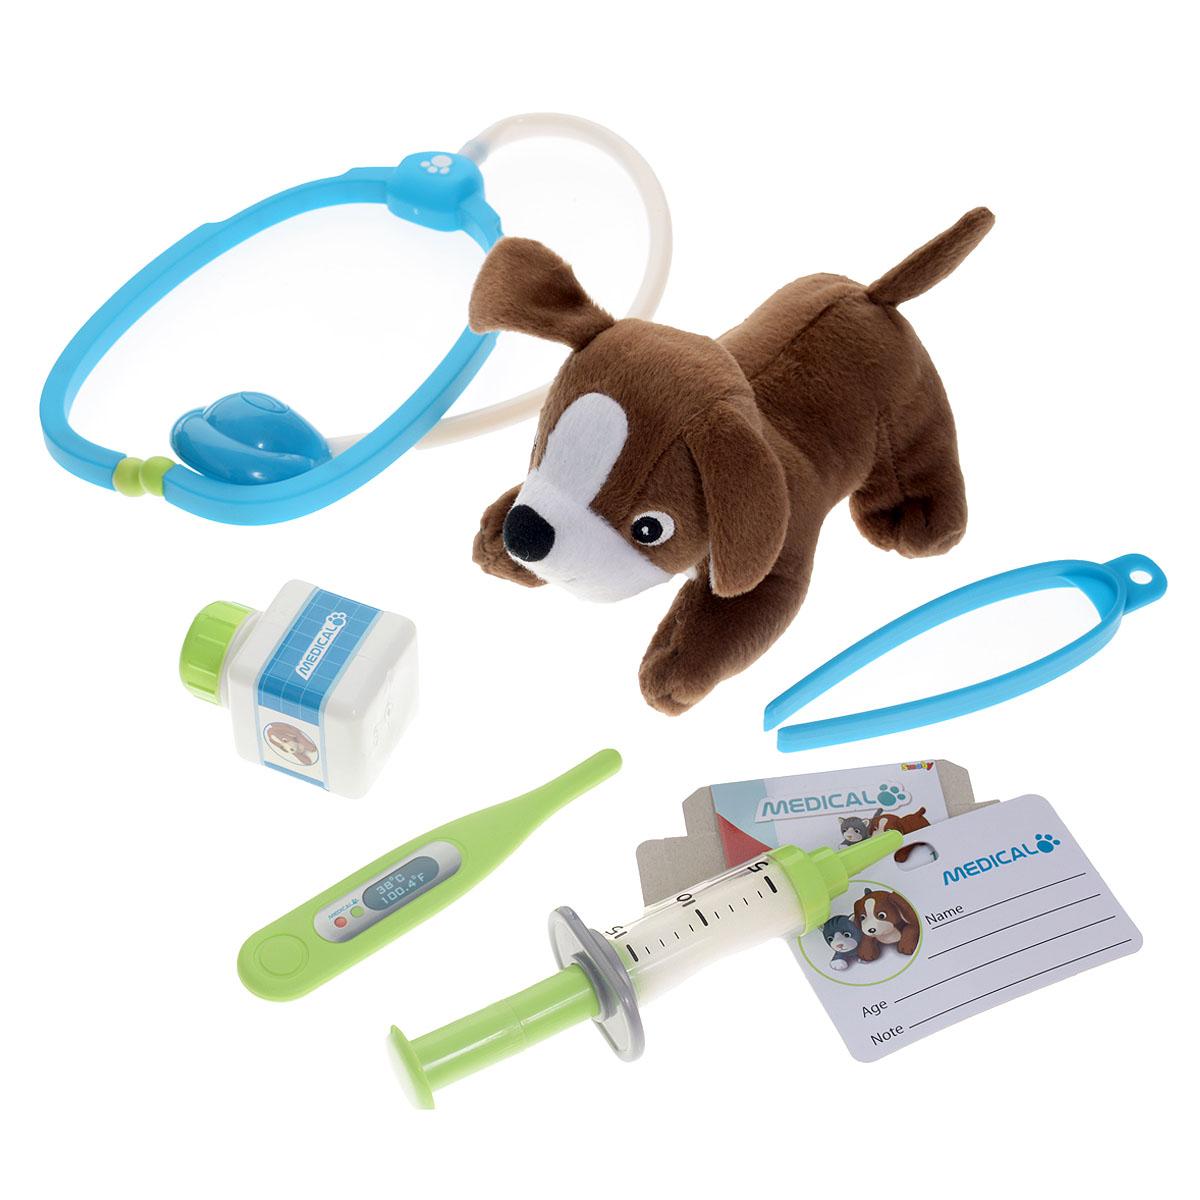 Smoby Набор доктора-ветеринара Medical, 8 предметов24657Игровой набор Smoby Medical включает в себя полный набор необходимых аксессуаров для маленького ветеринара, которые создадут увлекательную атмосферу игры. В комплект входят: мягкая игрушка в виде собачки, стетоскоп, шприц, пинцет, градусник, бейдж врача, баночка с неоткручивающейся крышечкой и коробочка для лекарств. Все элементы набора хранятся в пластиковом кейсе с удобной ручкой, который ваш ребенок всегда сможет взять с собой на прогулку или в поездку. С этим замечательным набором ребенок сможет вылечить собачку и других игрушек и почувствовать себя квалифицированным специалистом.